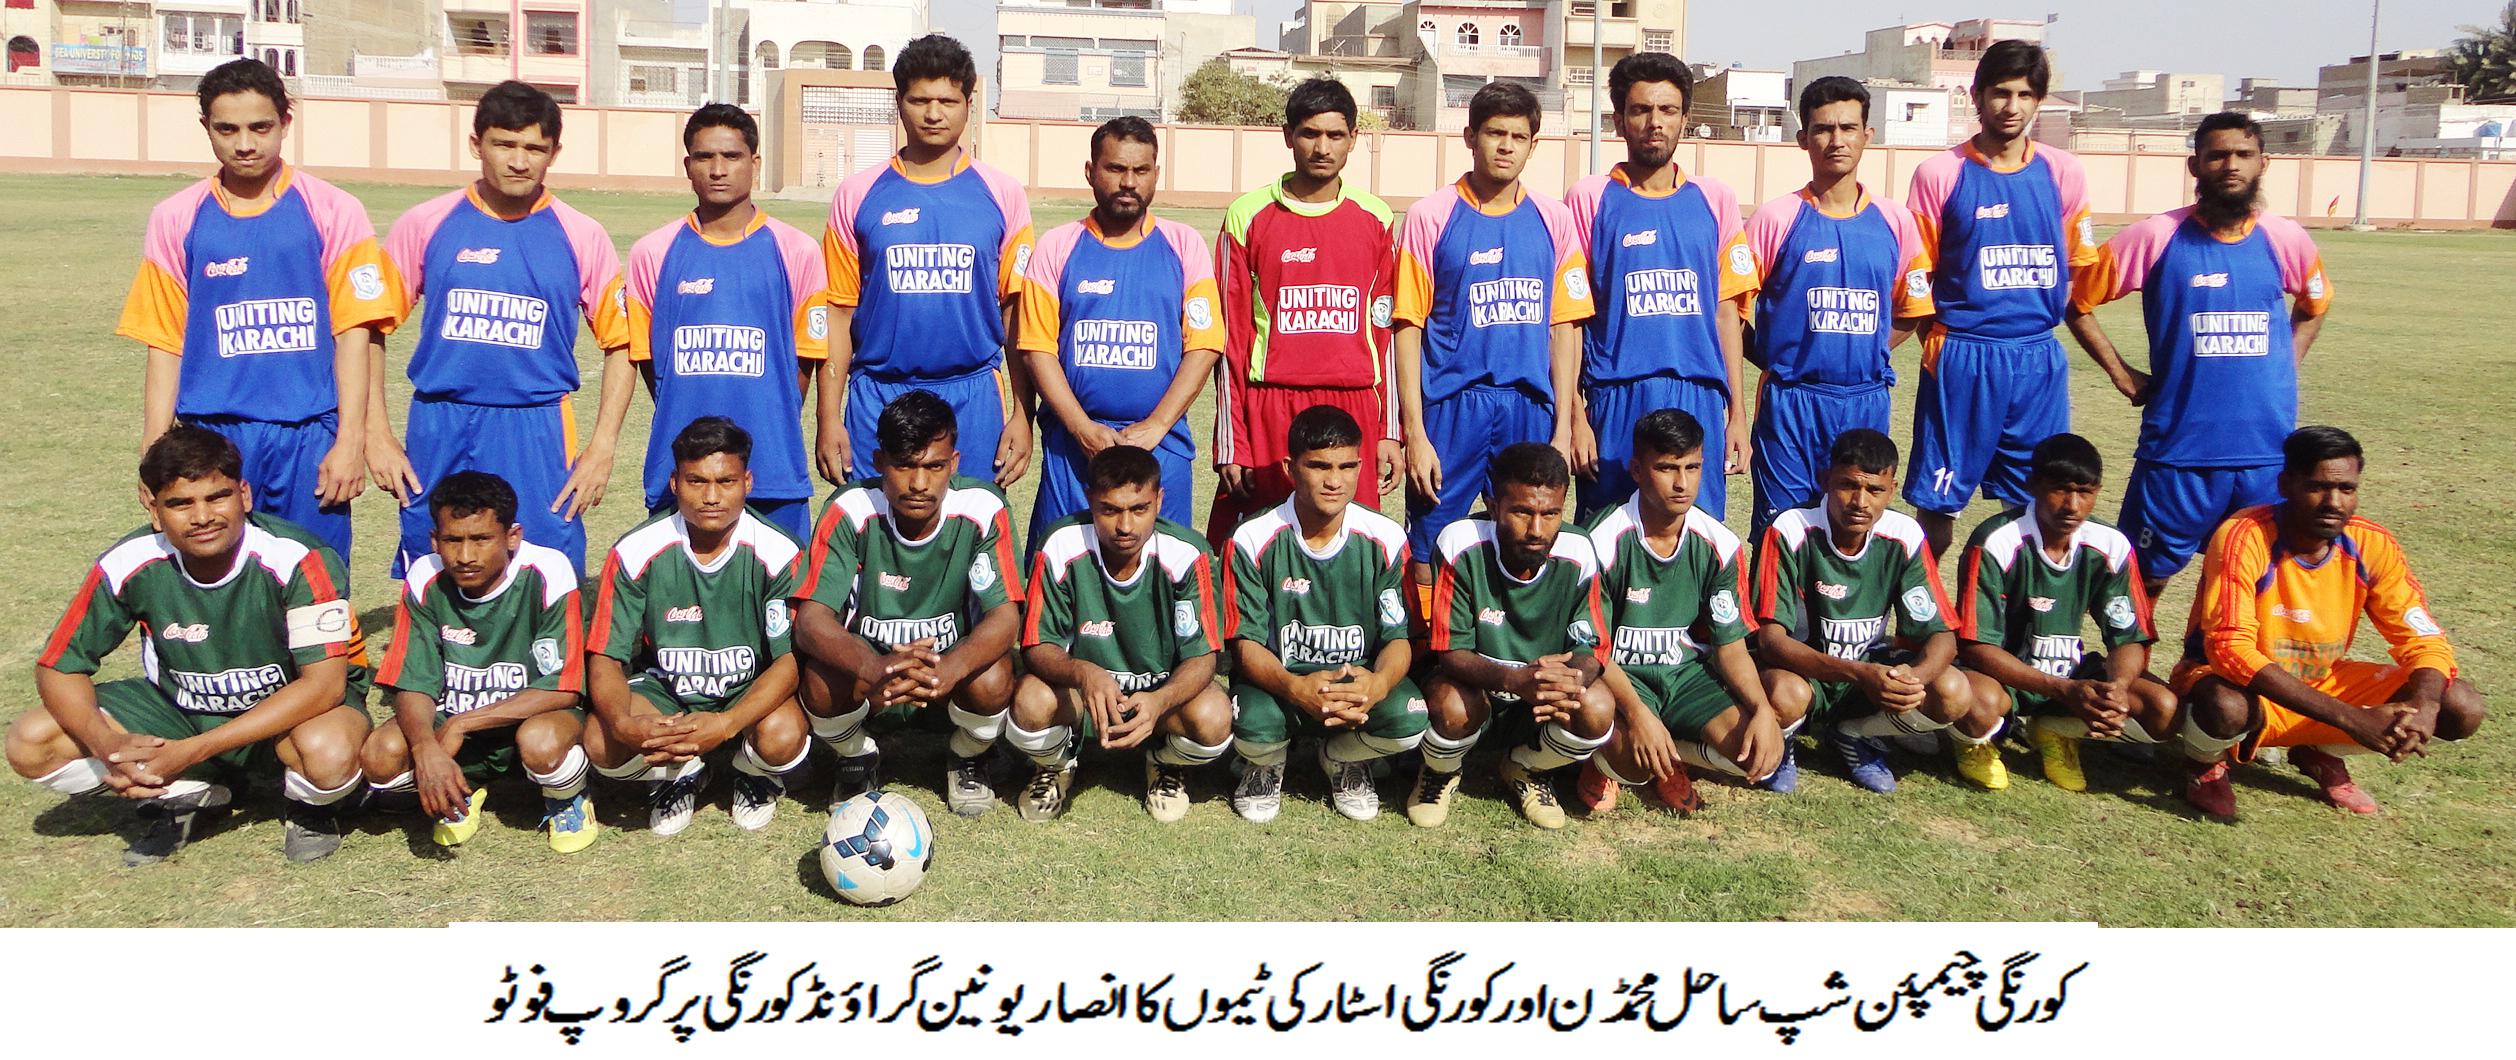 Korangi Football Championship Update 26.02.2014